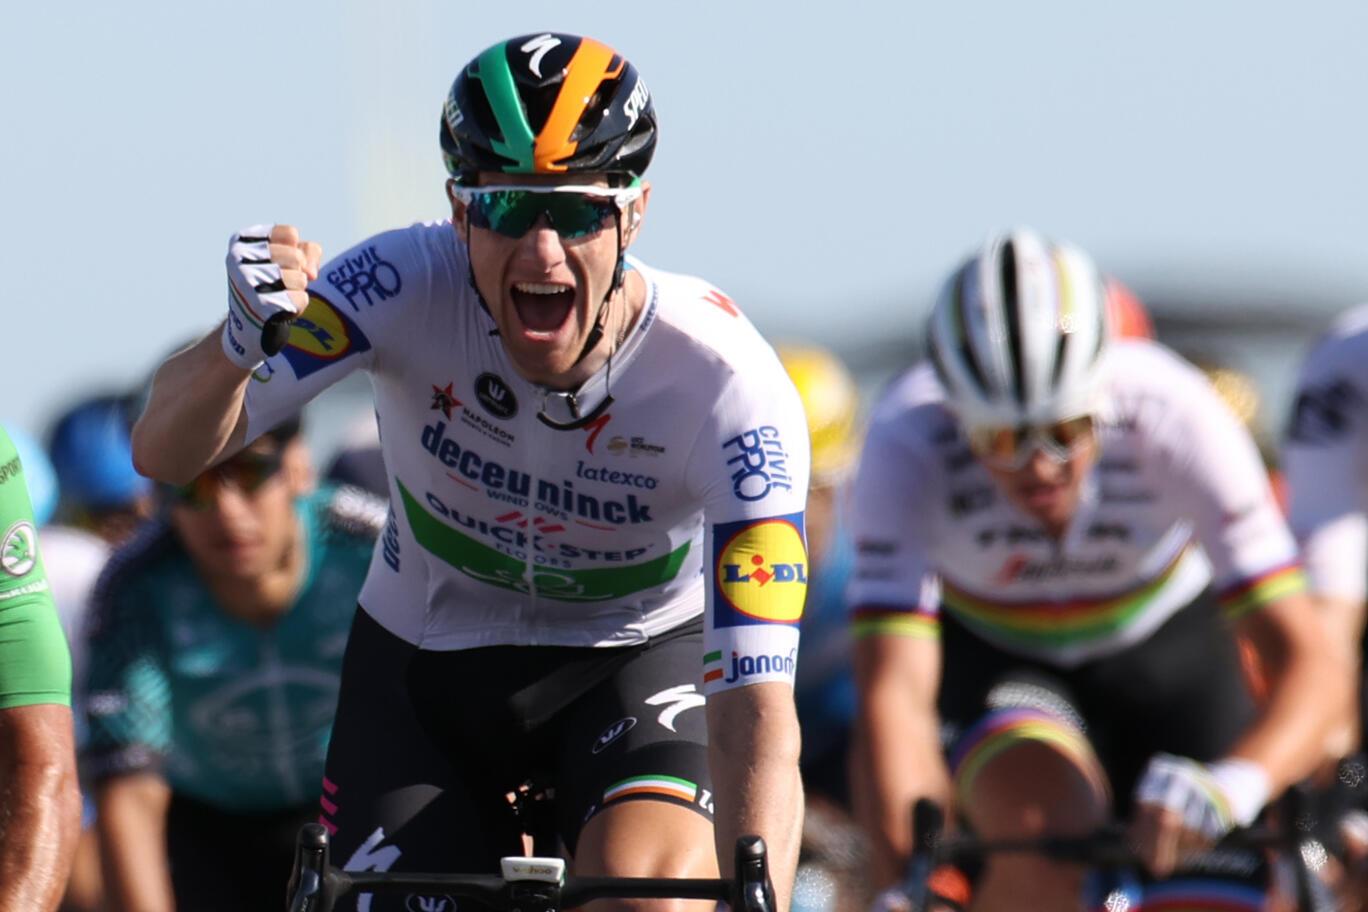 L'Irlandais Sam Bennett vainqueur de la 10e étape du Tour de France, entre Le Chateau d'Oléron et Saint-Martin-de-Ré, le 8 septembre 2020